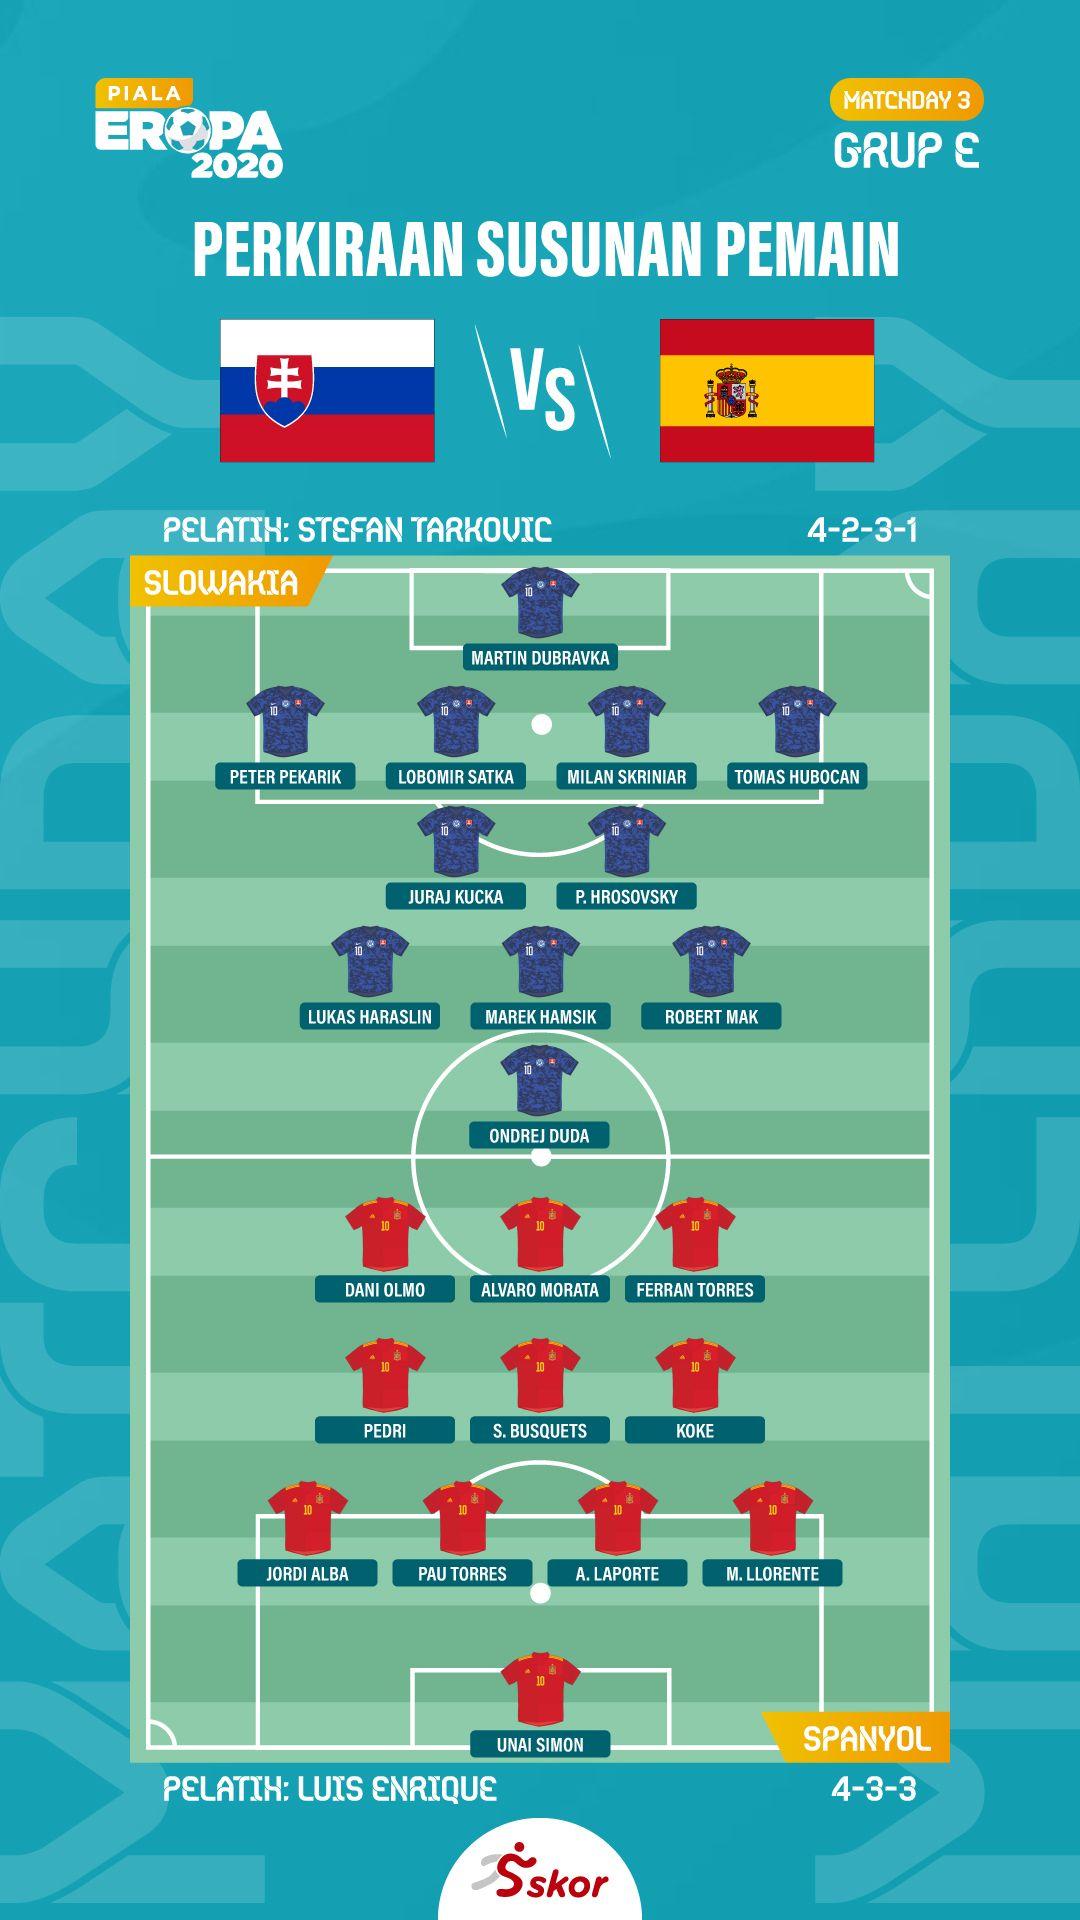 Perkiraan susunan pemain Slowakia vs Spanyol di Euro 2020.